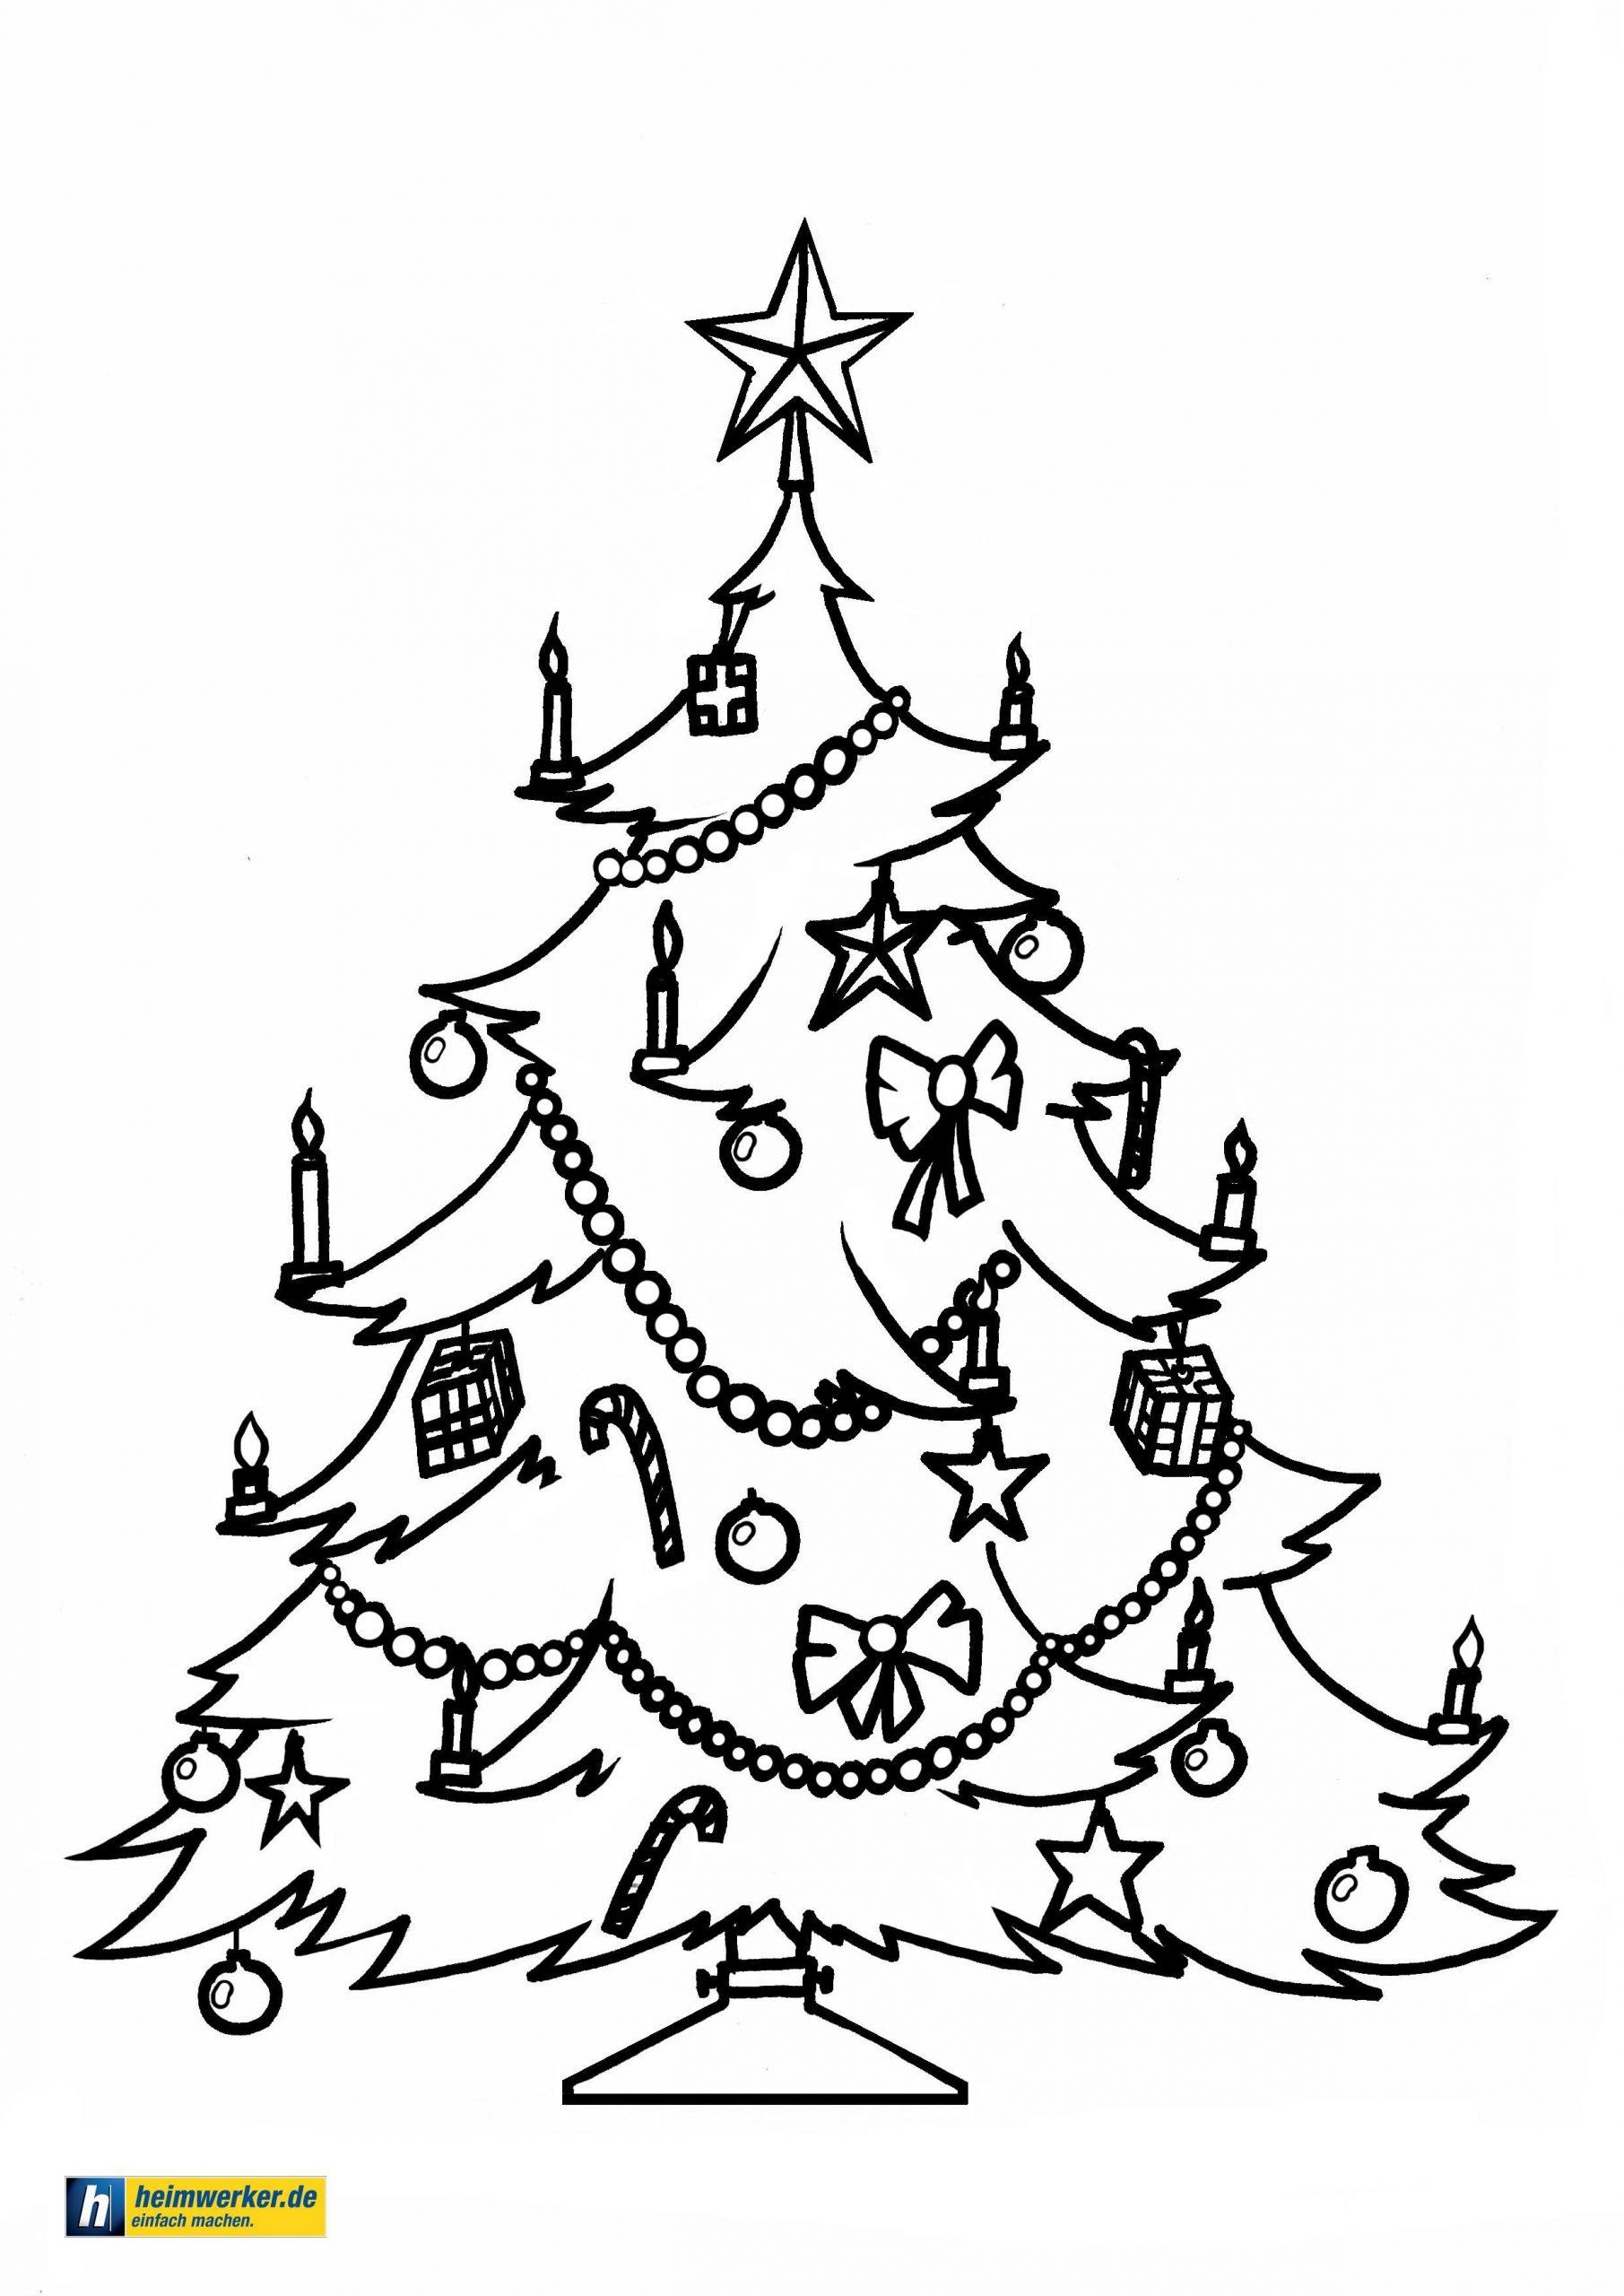 Malvorlagen Weihnachten Und Advent – Kostenlose bei Malvorlagen Tannenbaum Ausdrucken